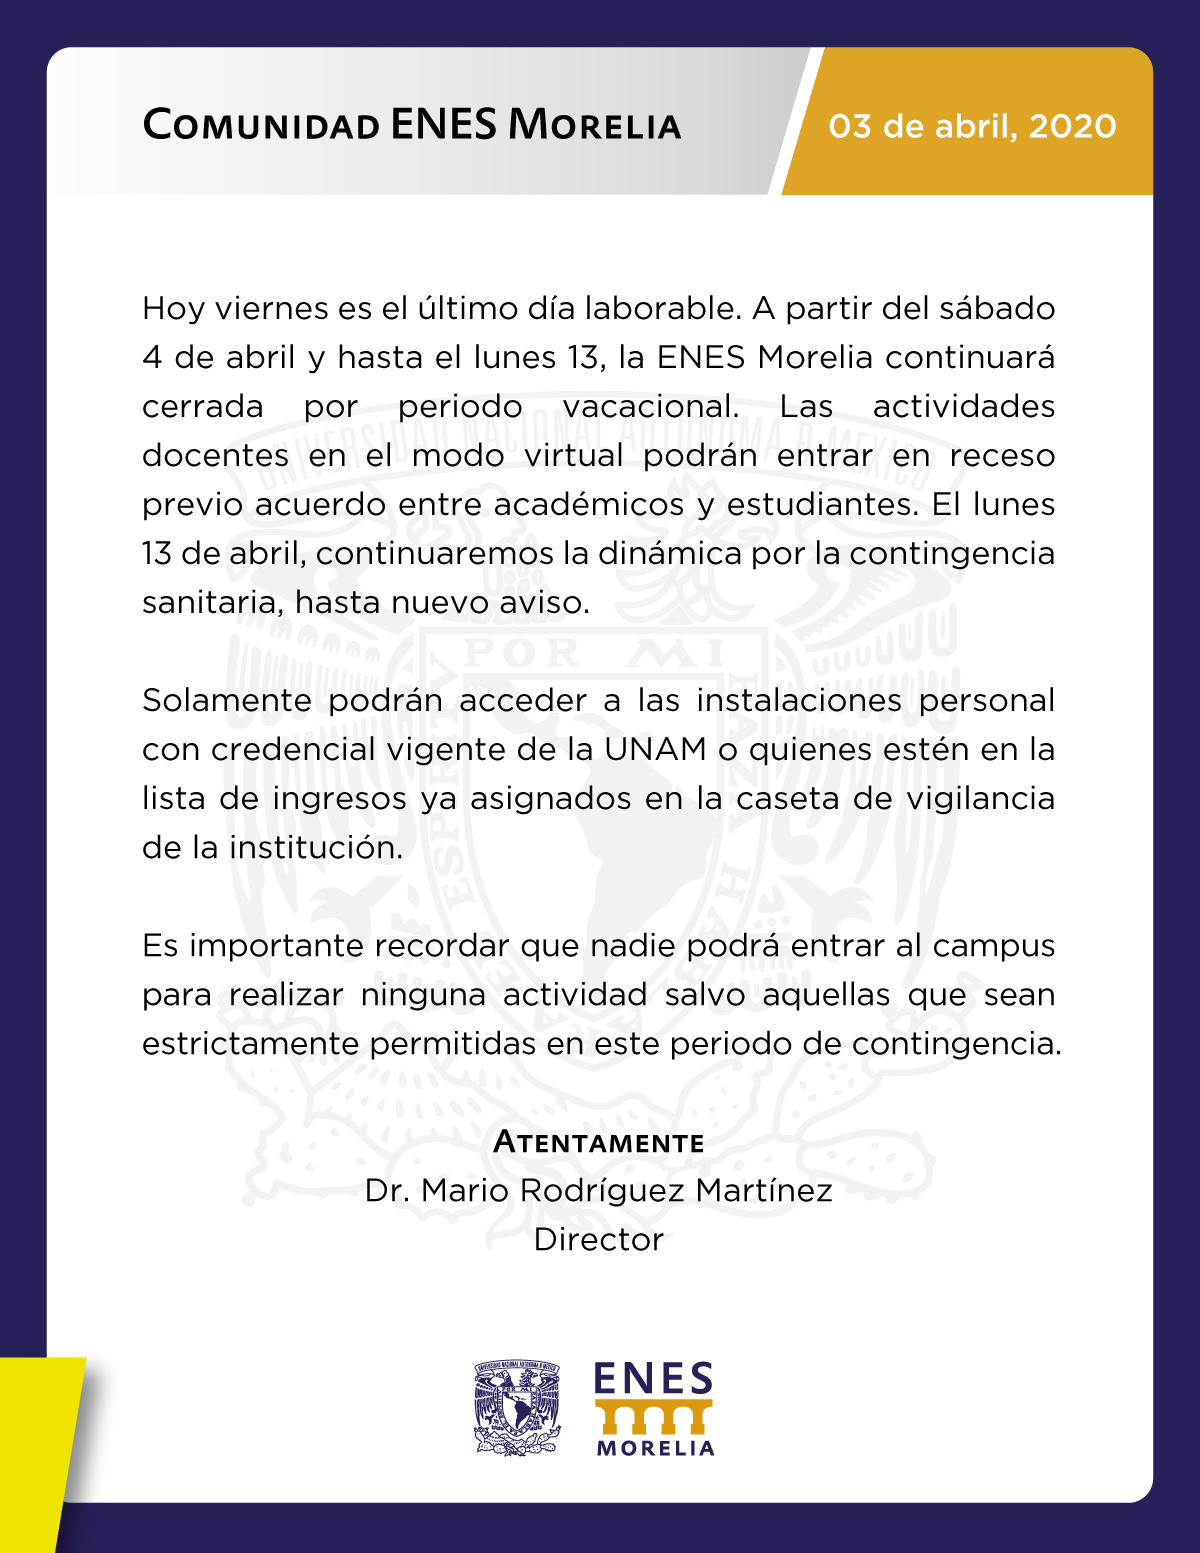 Comunicado-ENES-030320